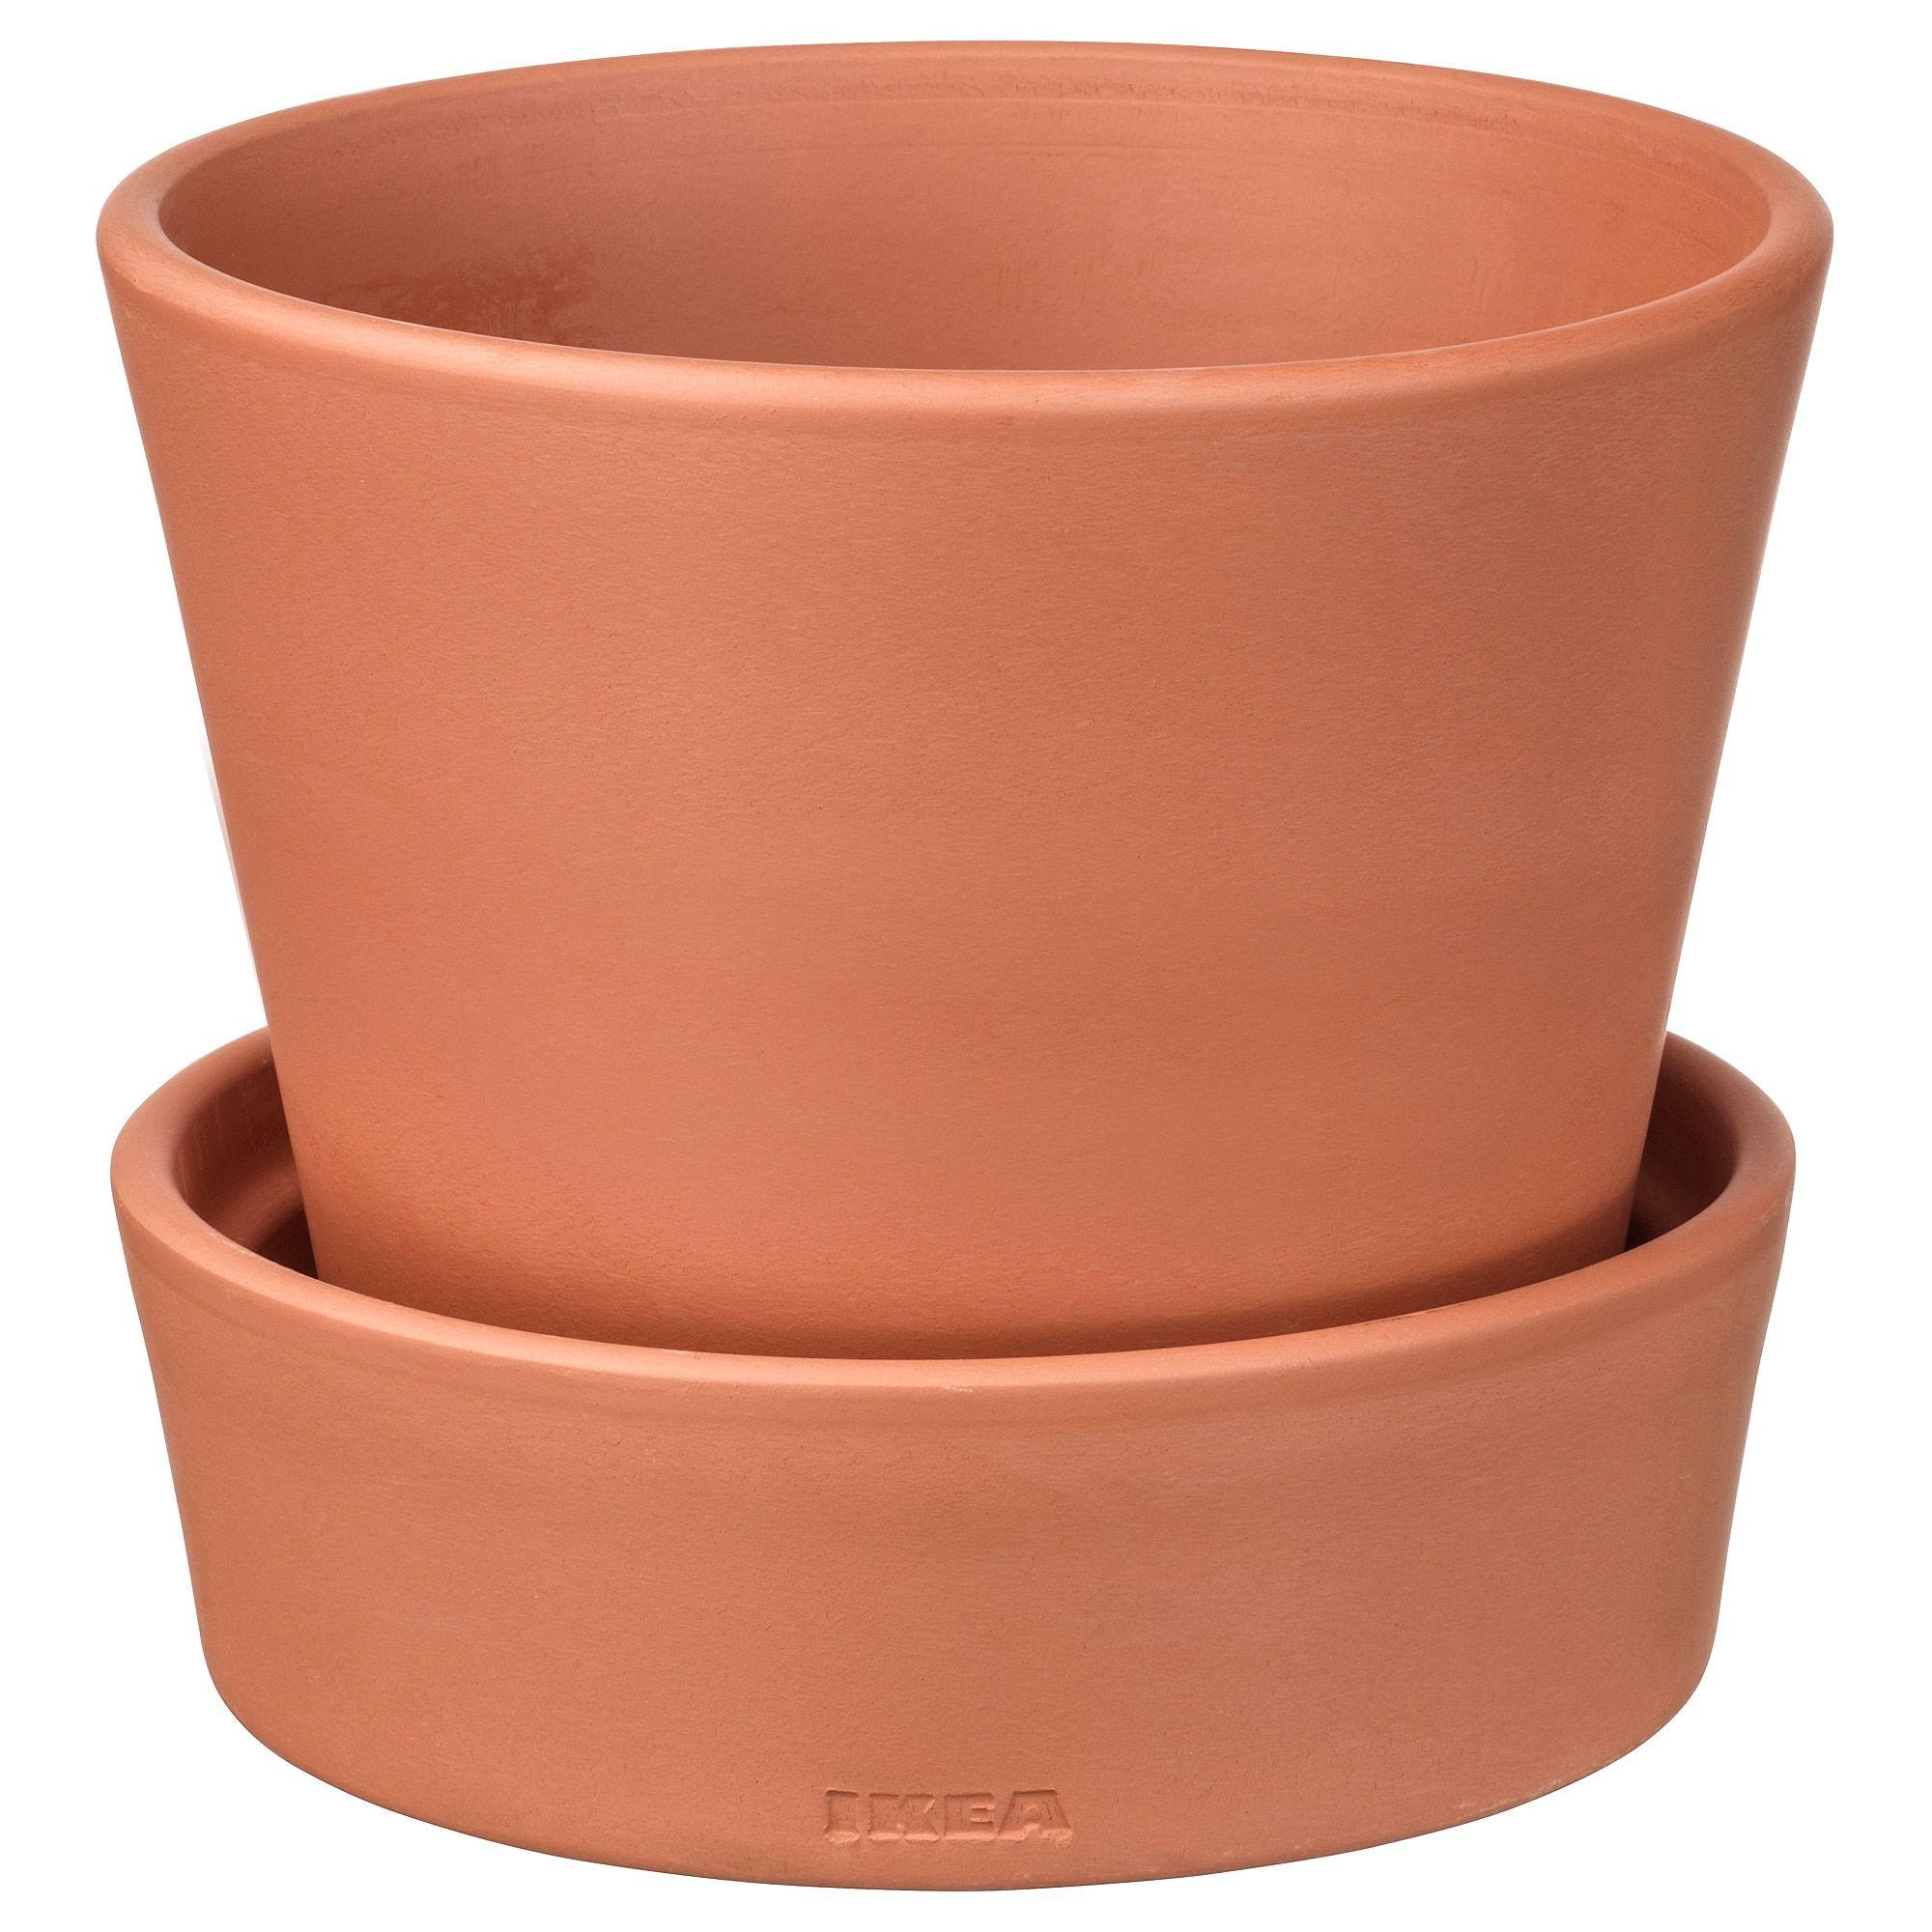 Ingefara Plant Pot With Saucer Outdoor Indoor Outdoor Terracotta 4 Terracotta Plant Pots Potted Plants Flower Pot Design